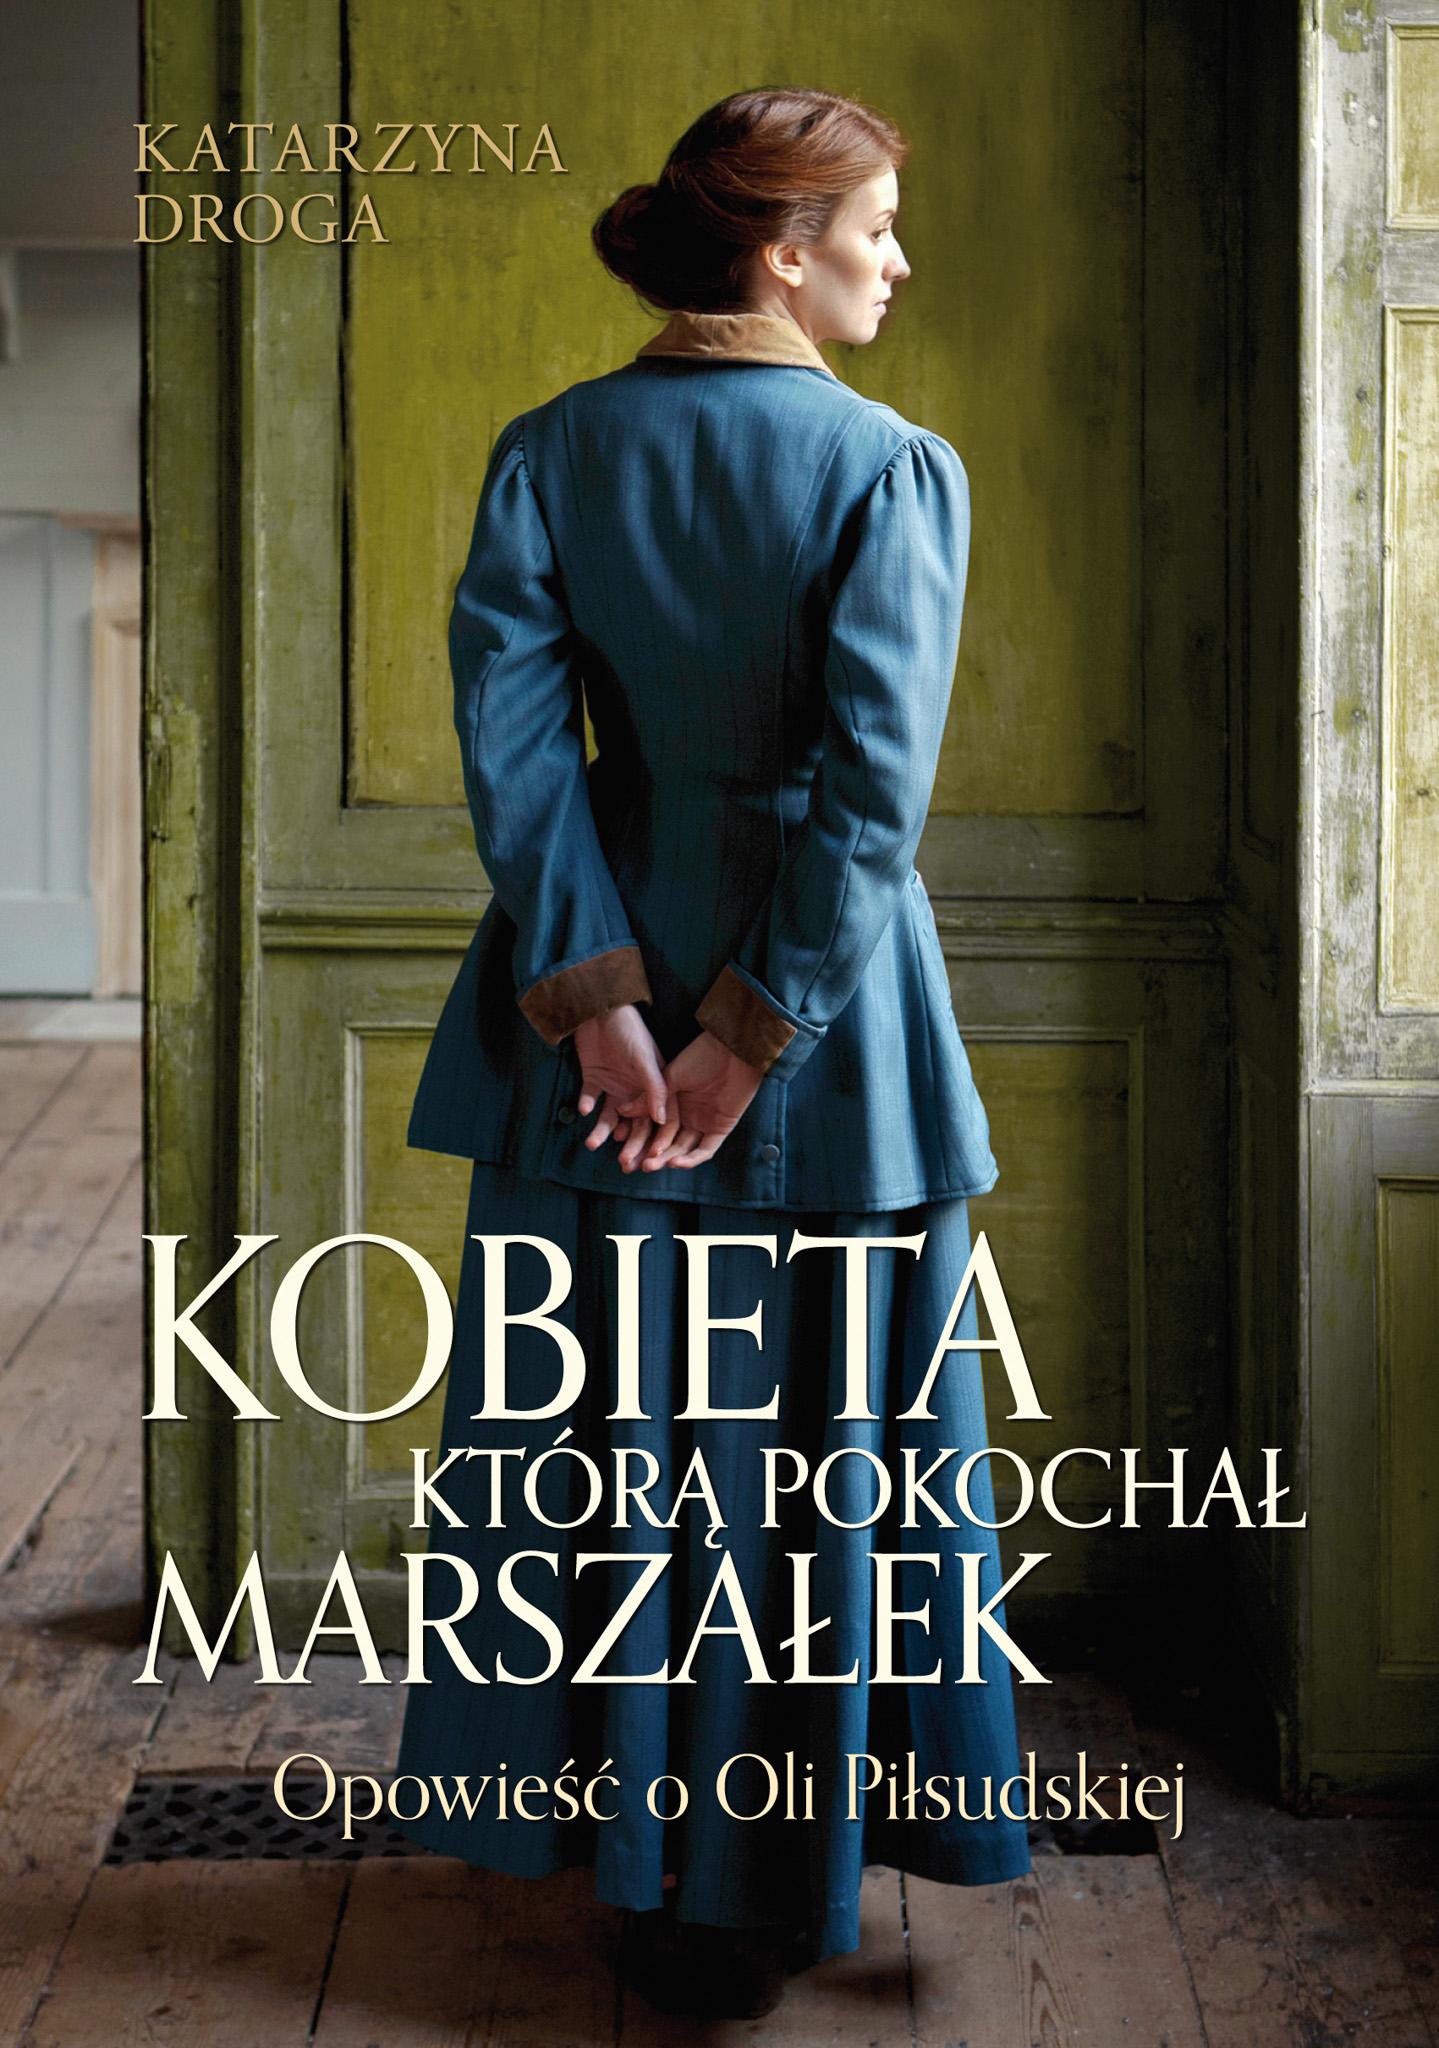 Droga_Kobieta_ktora_pokochal_marszalek